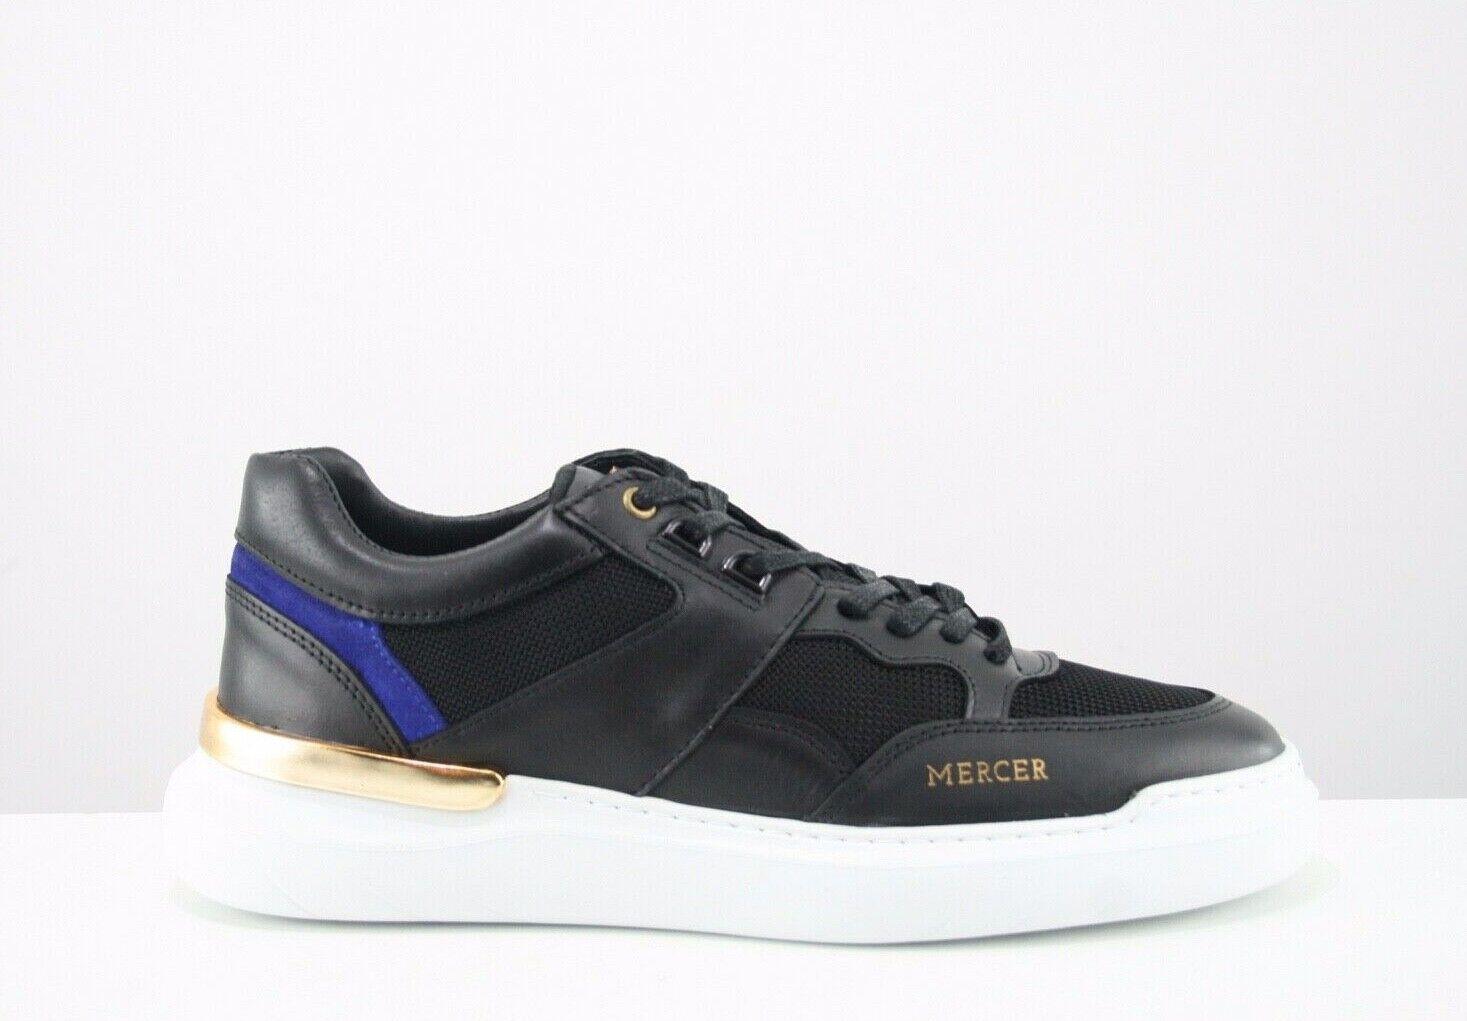 Mercer Backspin Para Hombre Zapatillas Negro-